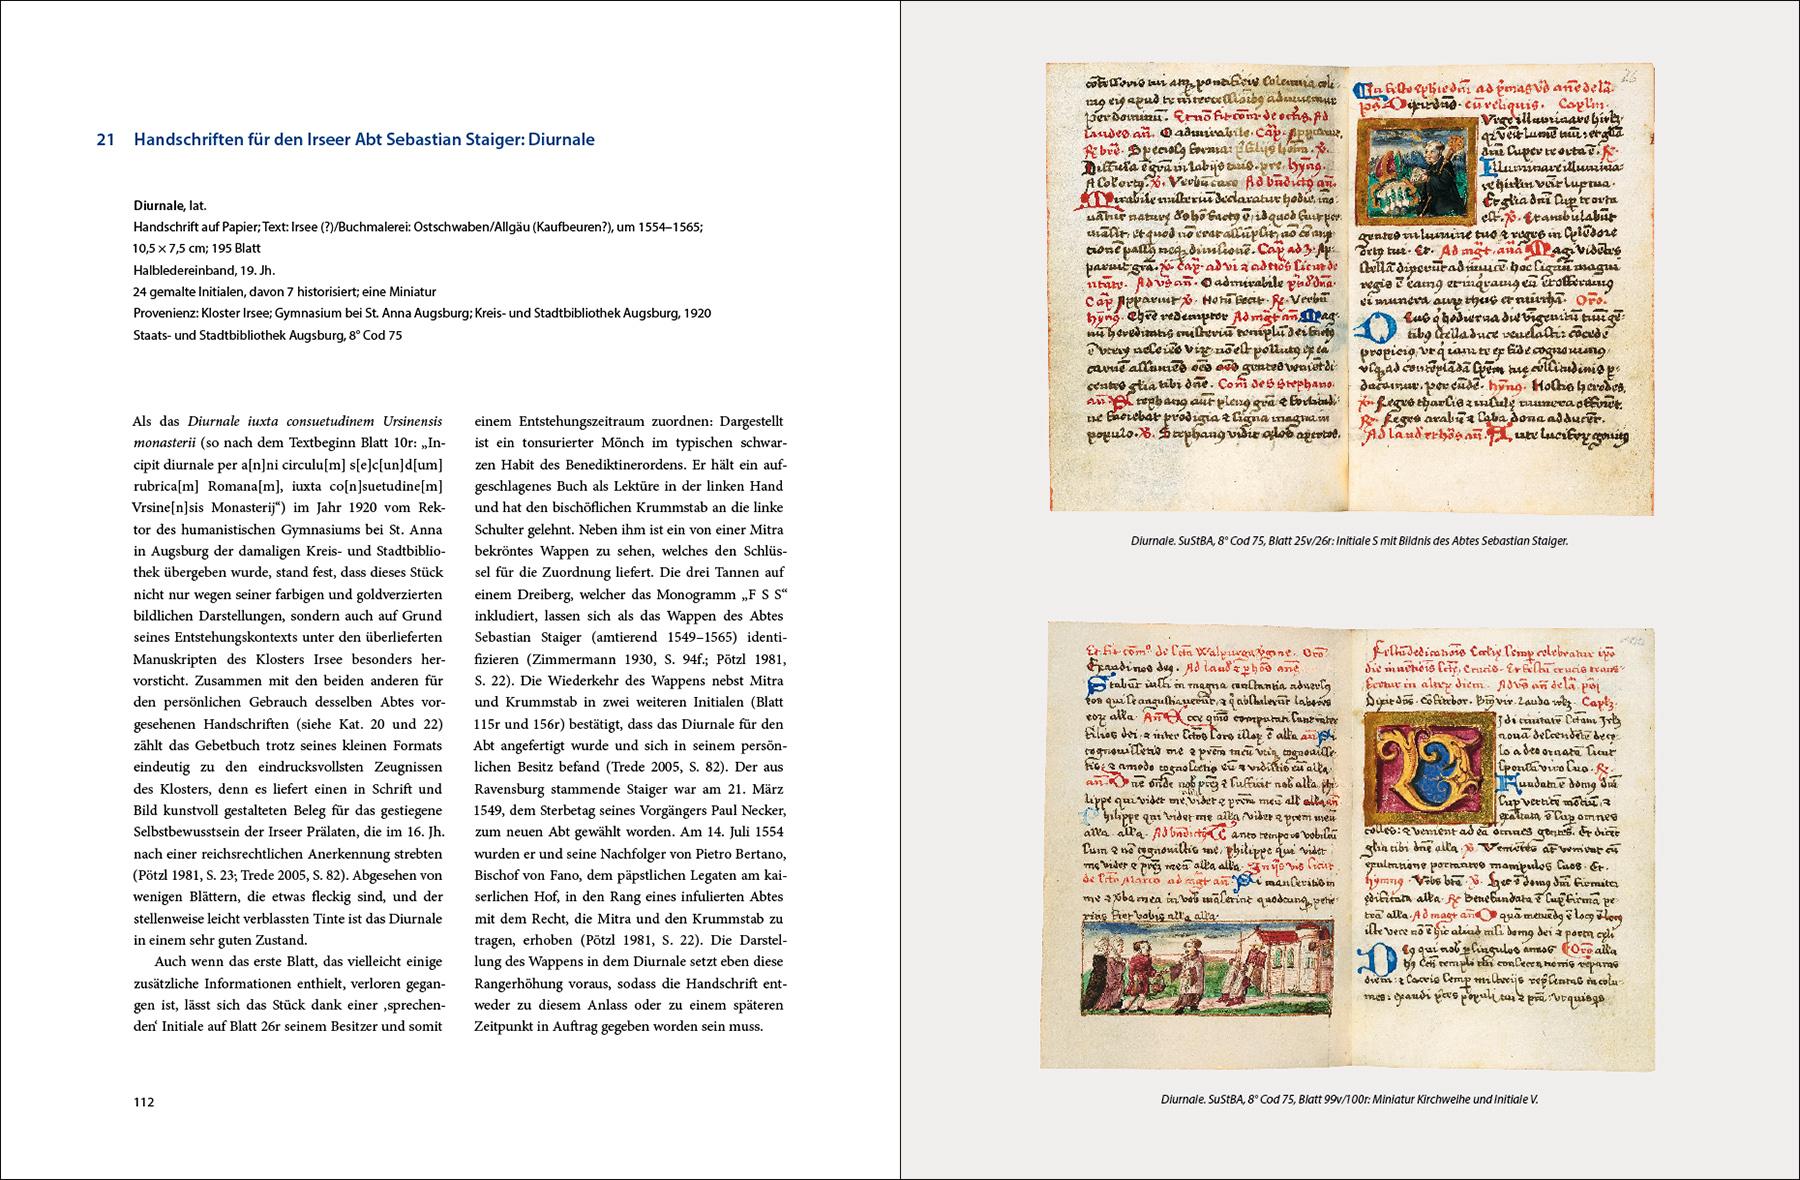 """Katalogband """"Abtransportiert, verschwunden und wieder sichtbar gemacht"""" (Bibliothek Kloster Irsee), p. 112–113"""